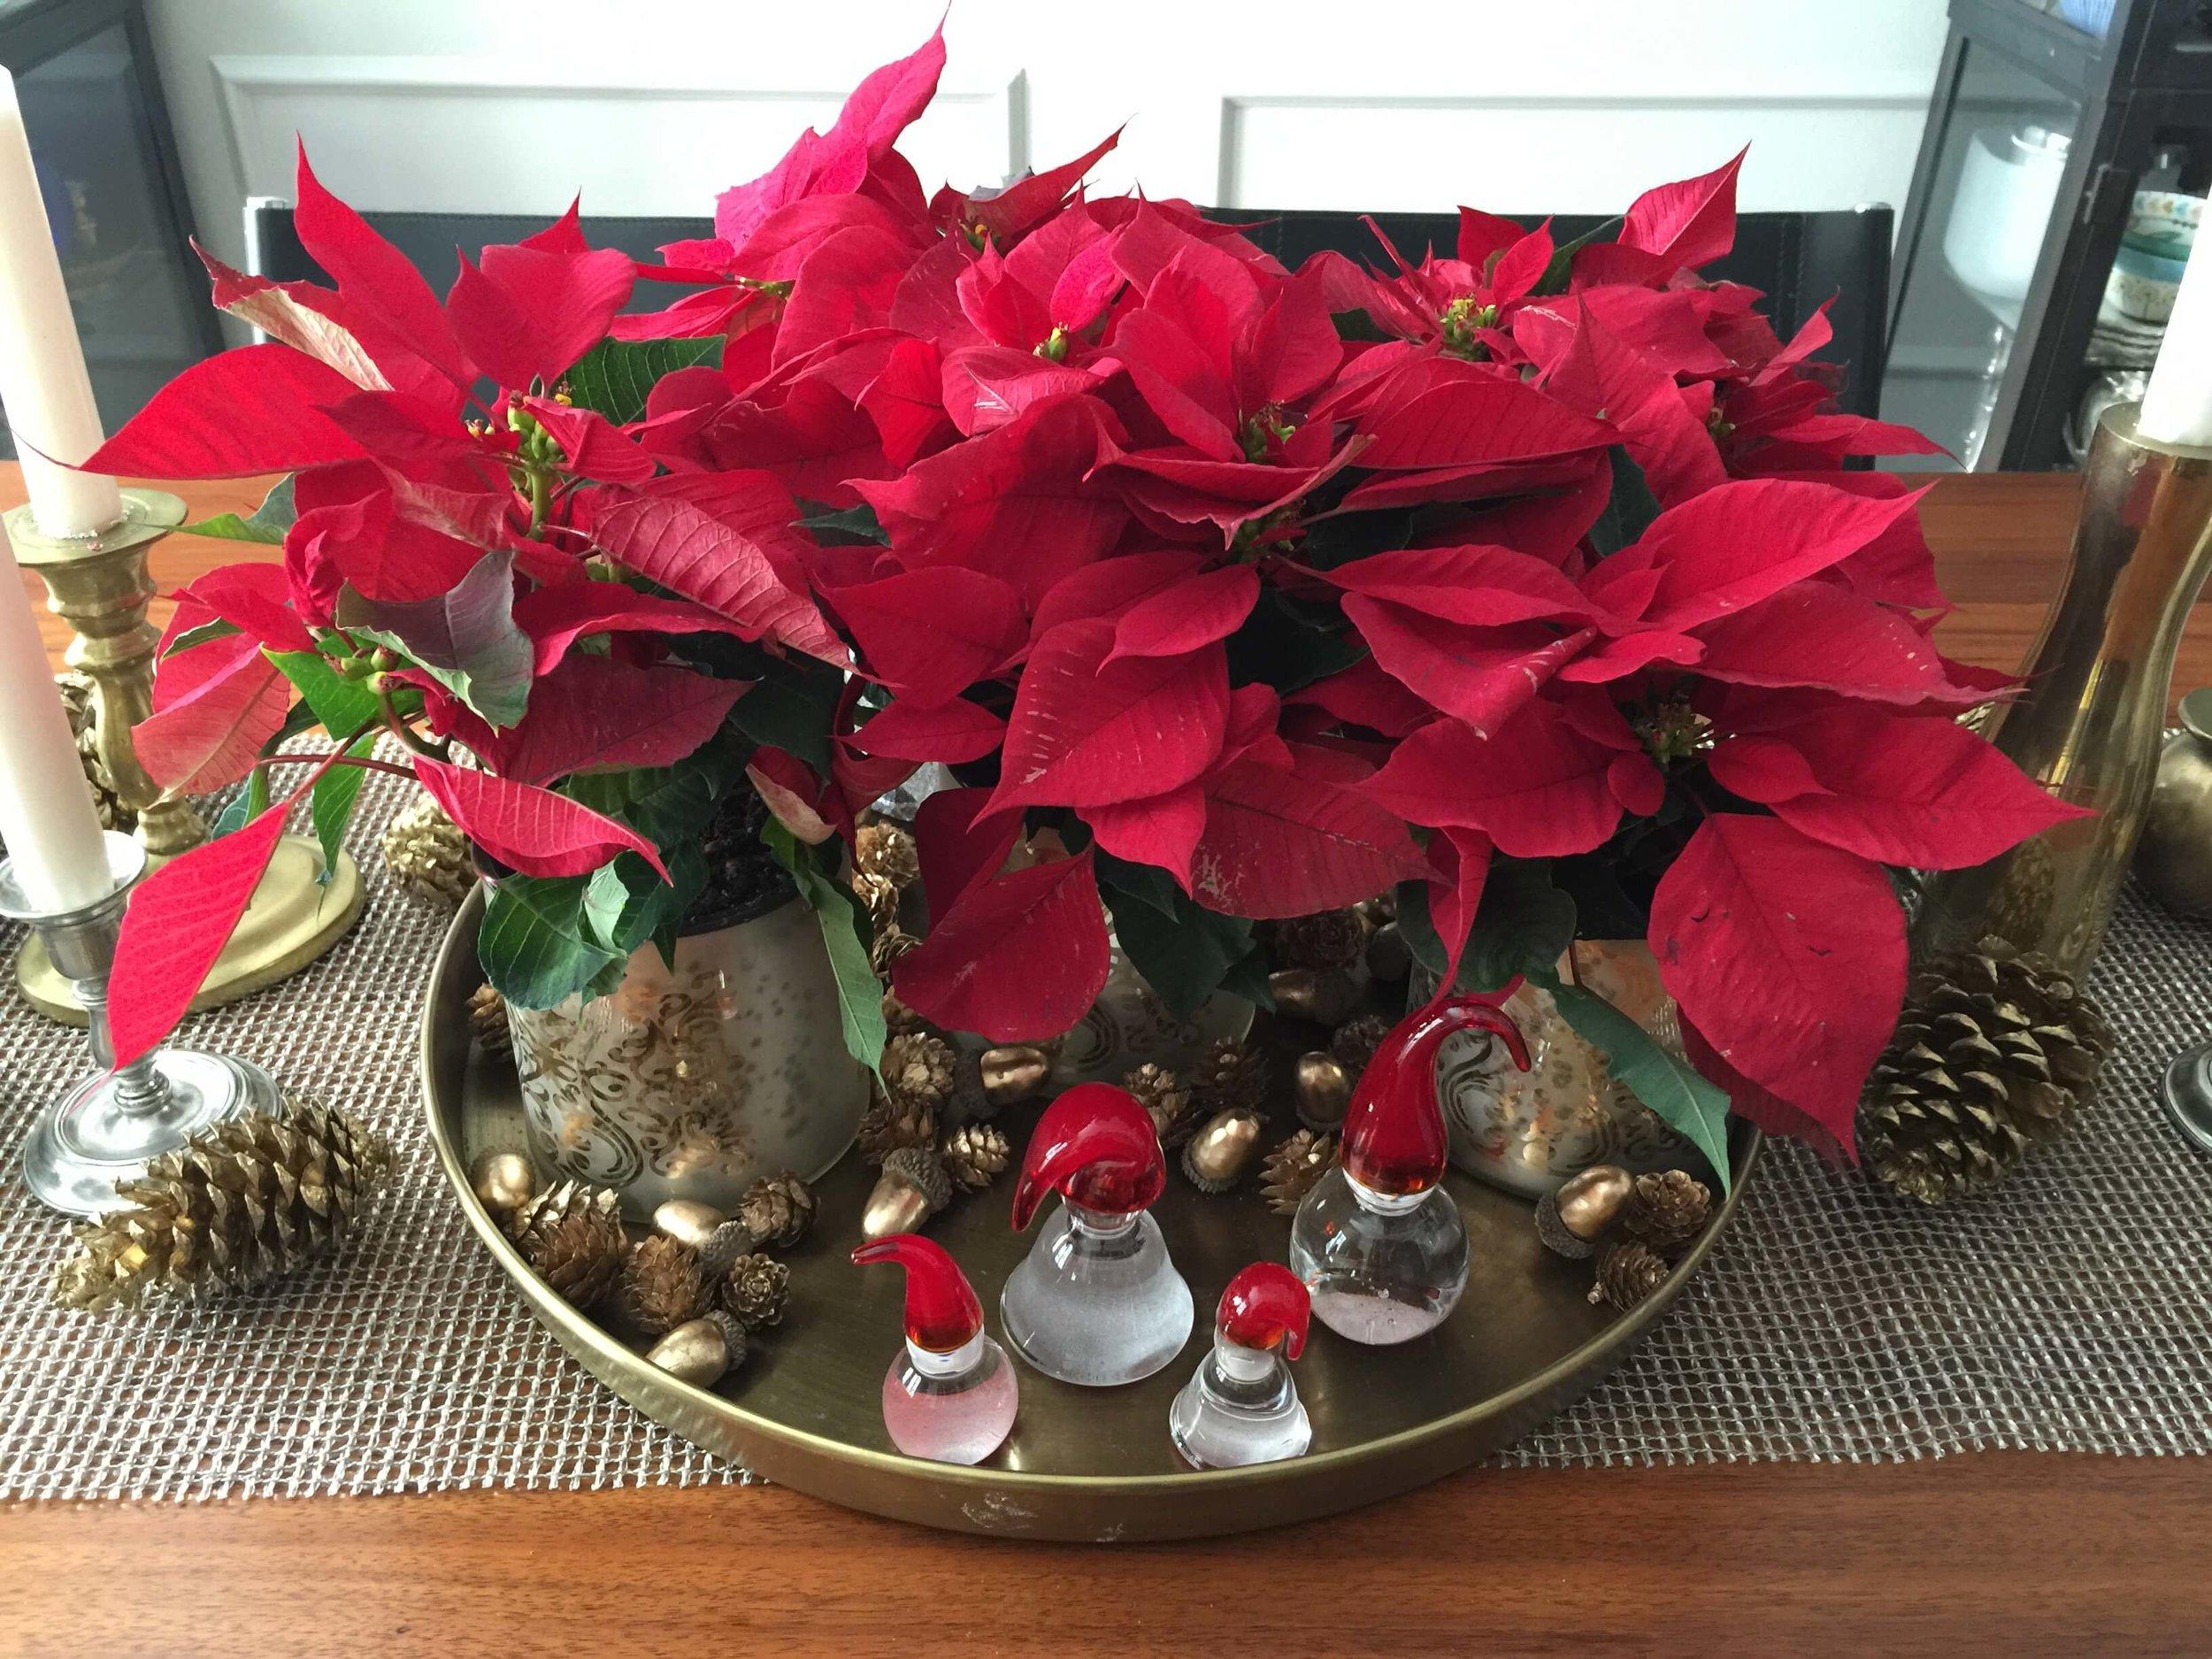 Christmas dinner tabletop setting